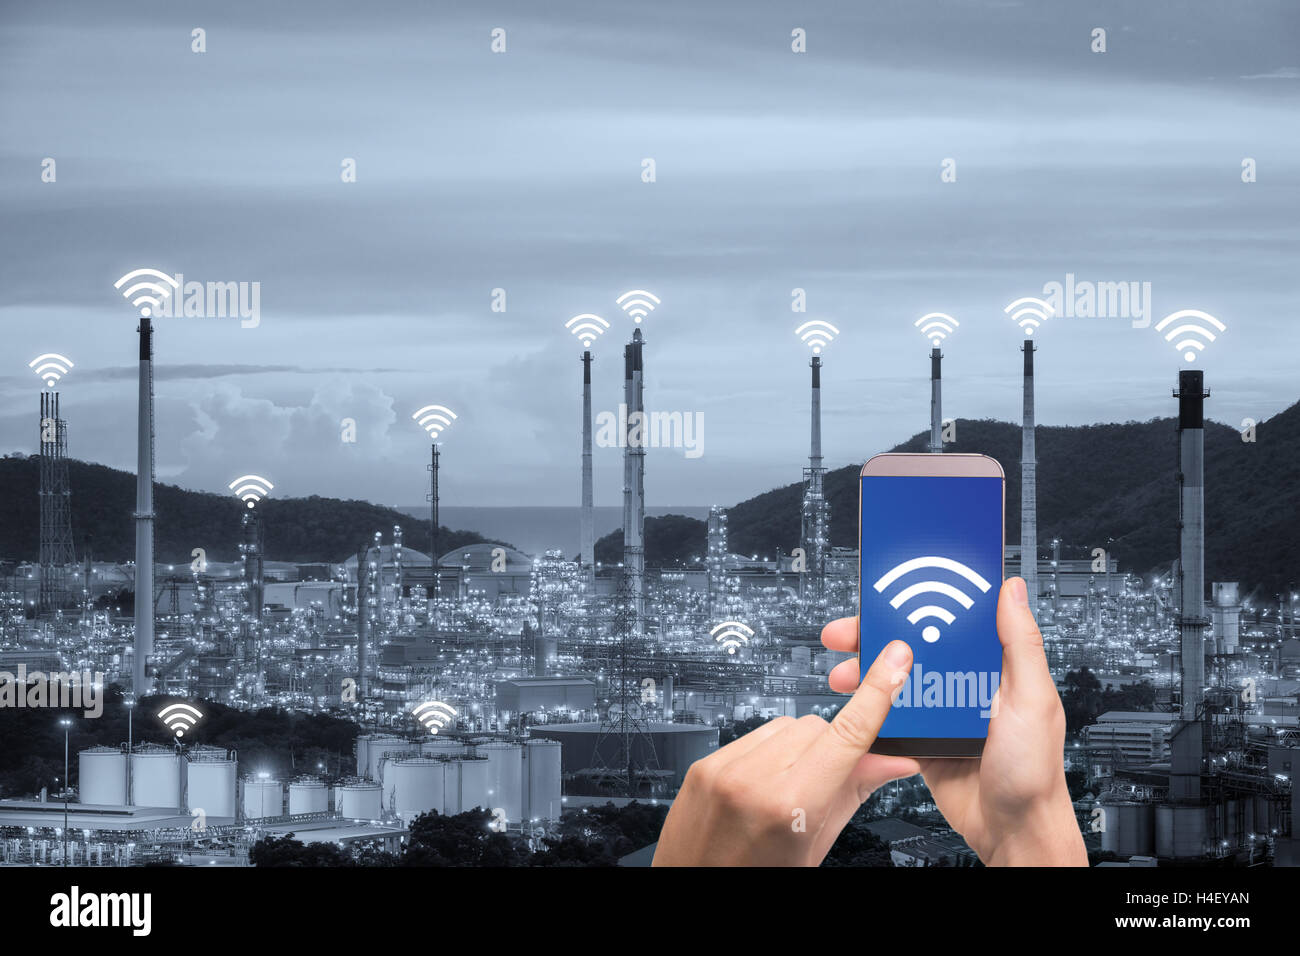 Mano che tiene il controllo dello smartphone rete di comunicazione wireless smart factory e Internet delle cose. Immagini Stock